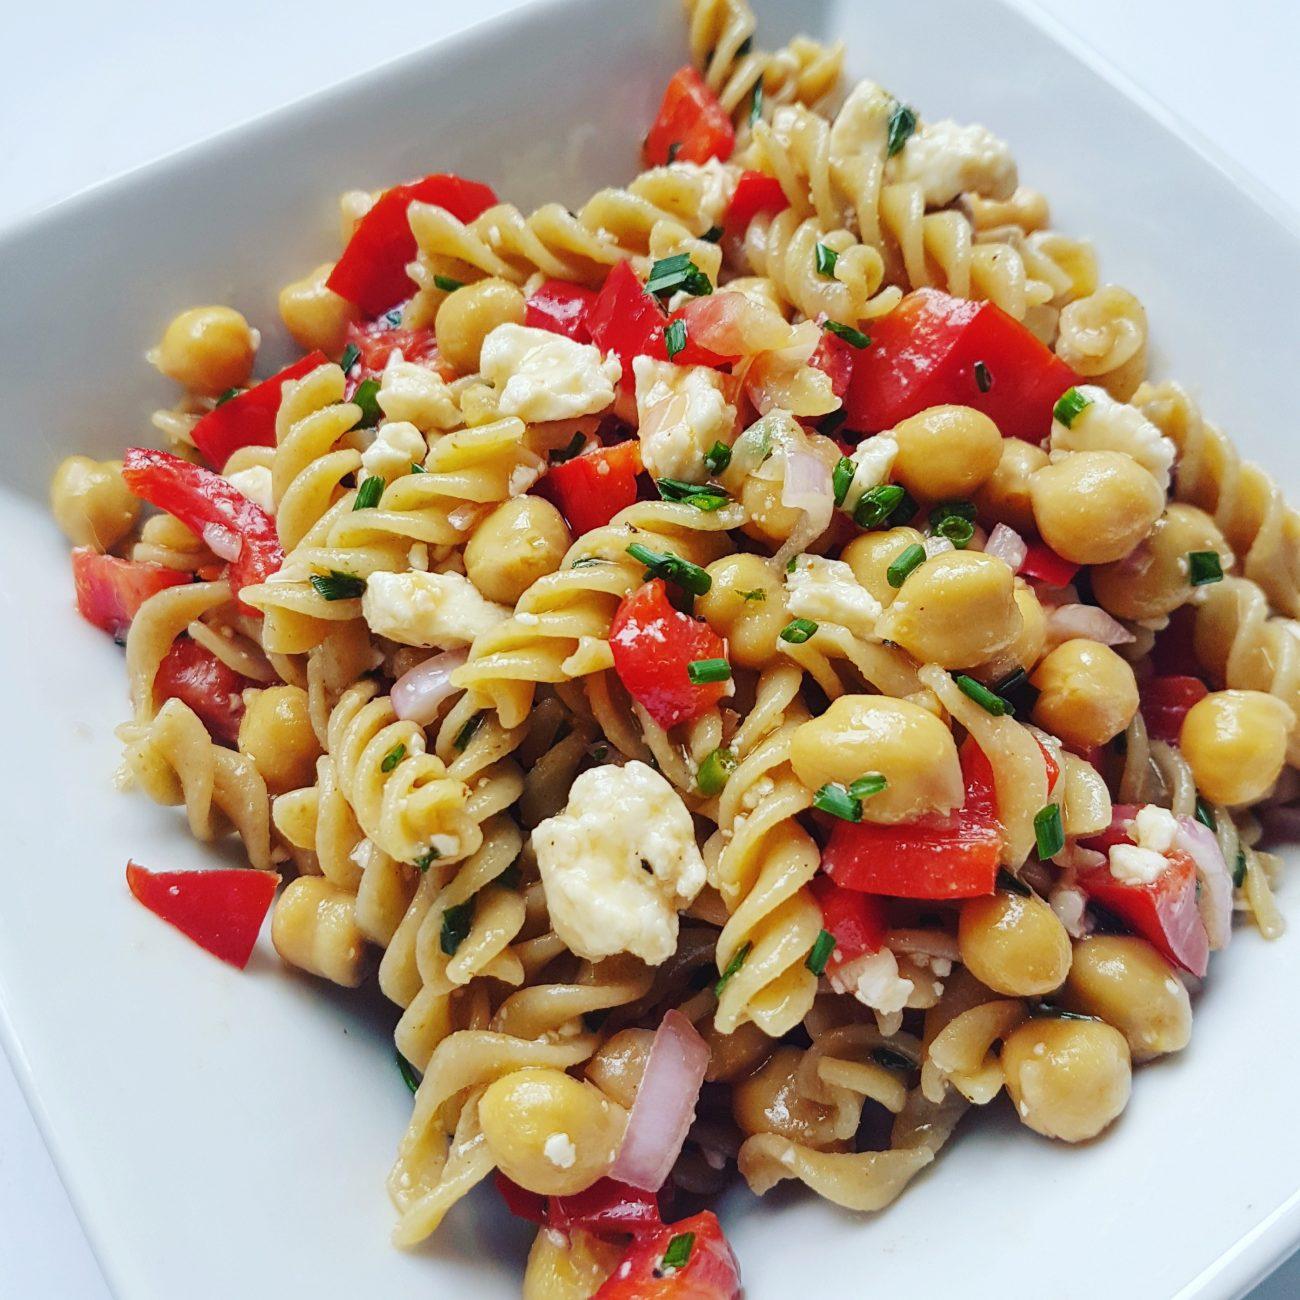 Salade de pâtes aux pois chiches et féta et sa vinaigrette au vin rouge